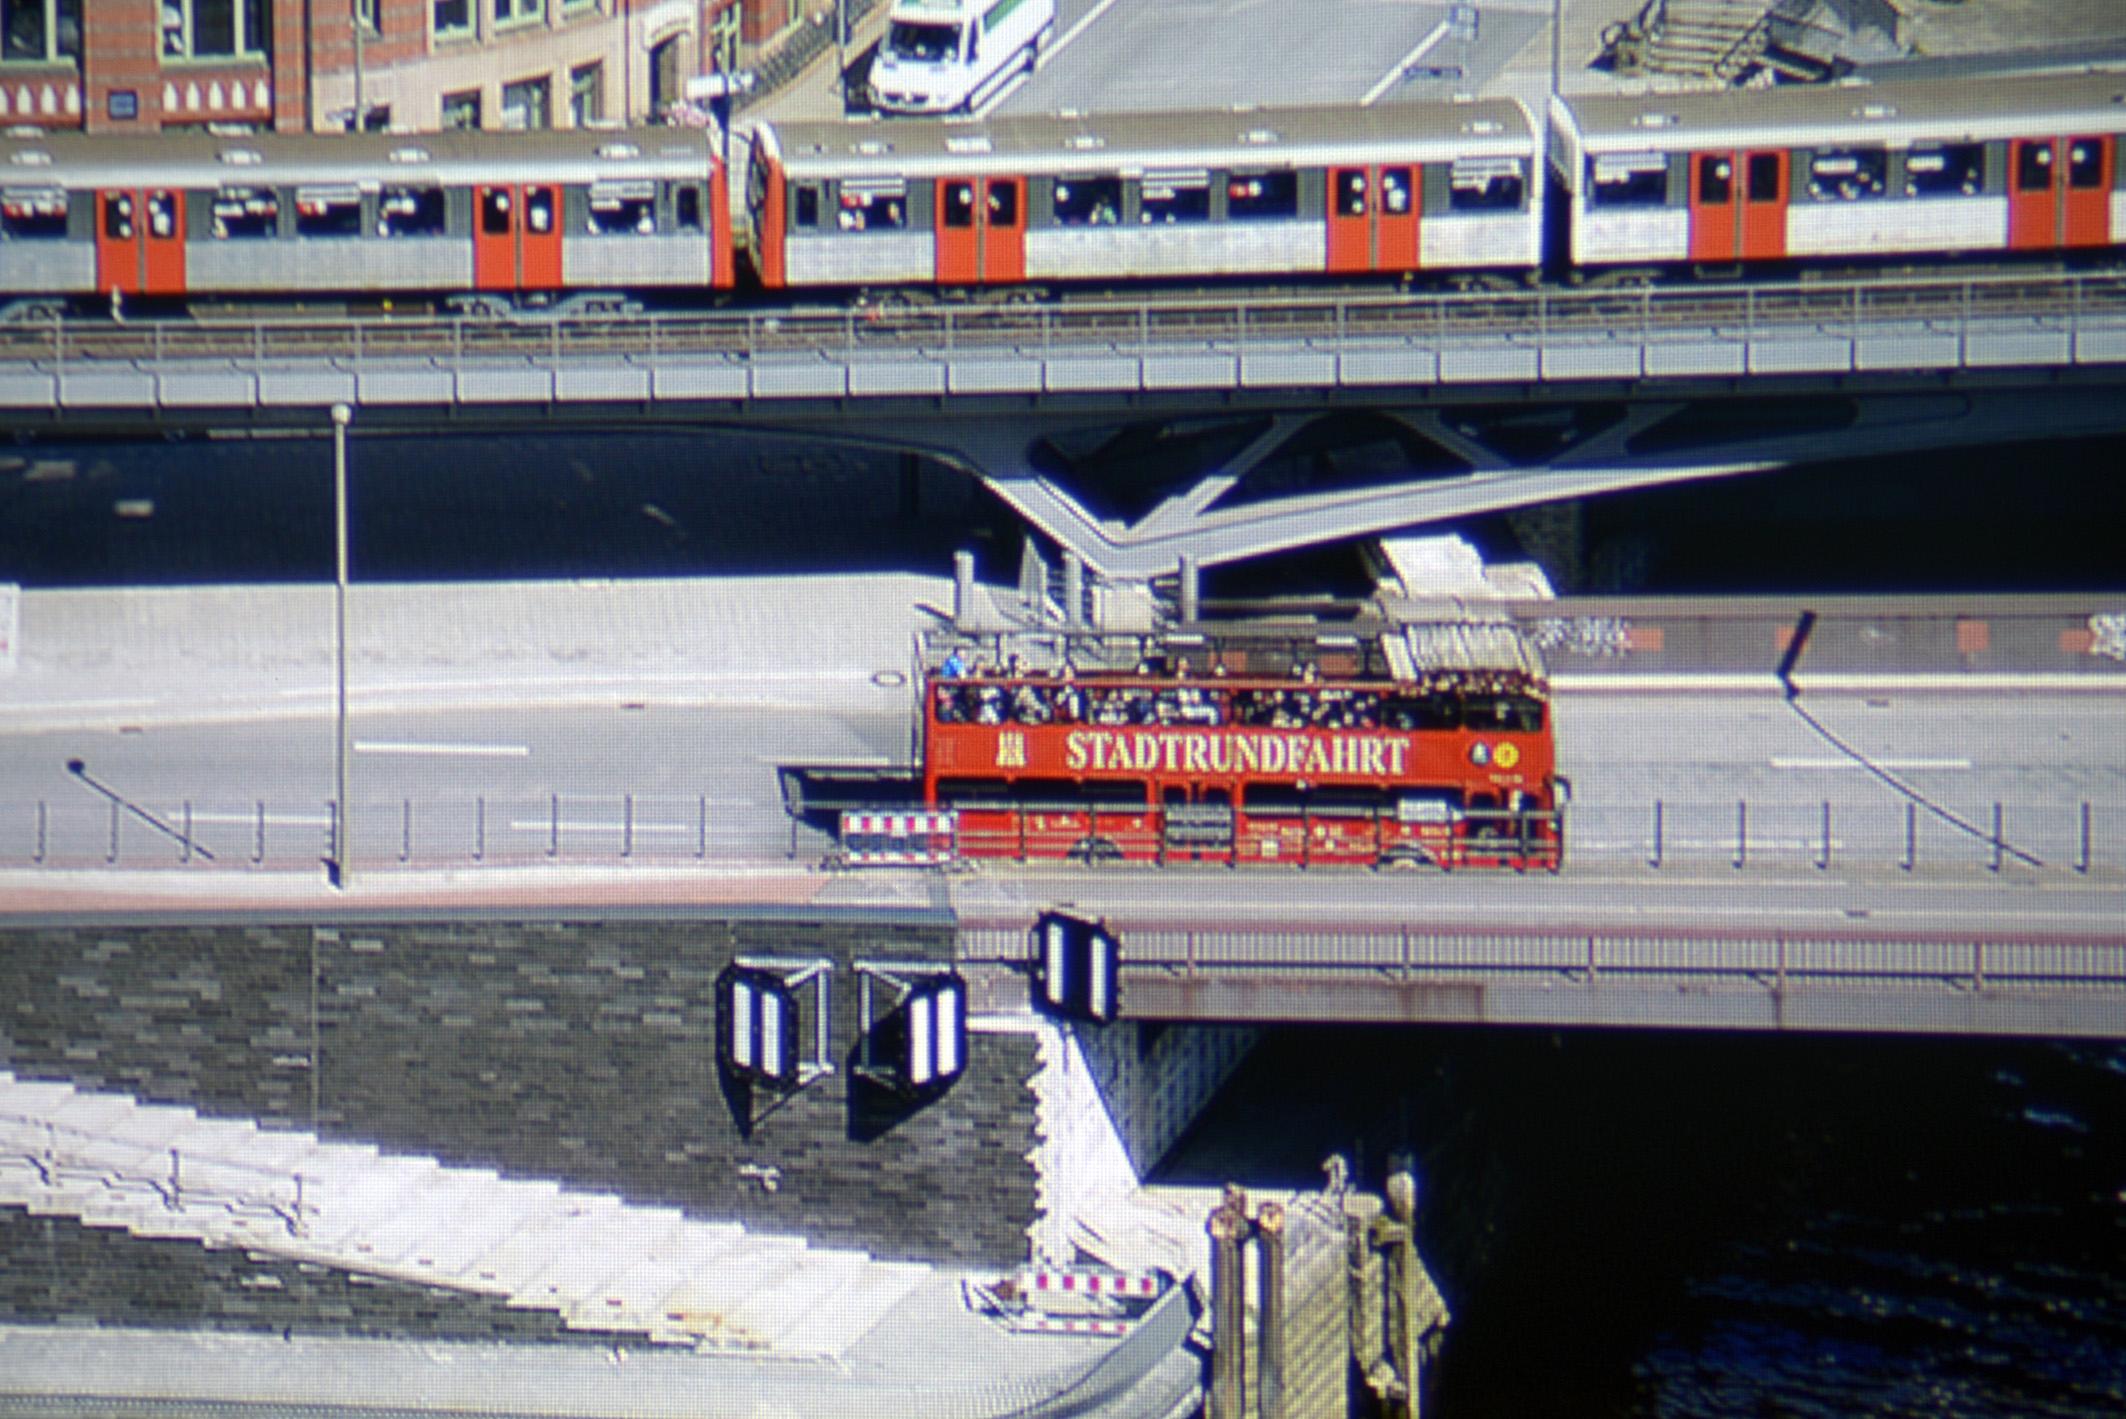 """Der Schriftzug """"STADTRUNDFAHRT"""" wird vollständig reproduziert, wie in der Ausschnittsvergrößerung der Panoramaaufnahme zu sehen ist. Der Asphalt erscheint farbneutral und die U-Bahn-Türen sehen originalgetreu Orange aus. Zudem sind alle Treppenstufen verfärbungsfrei zu sehen."""